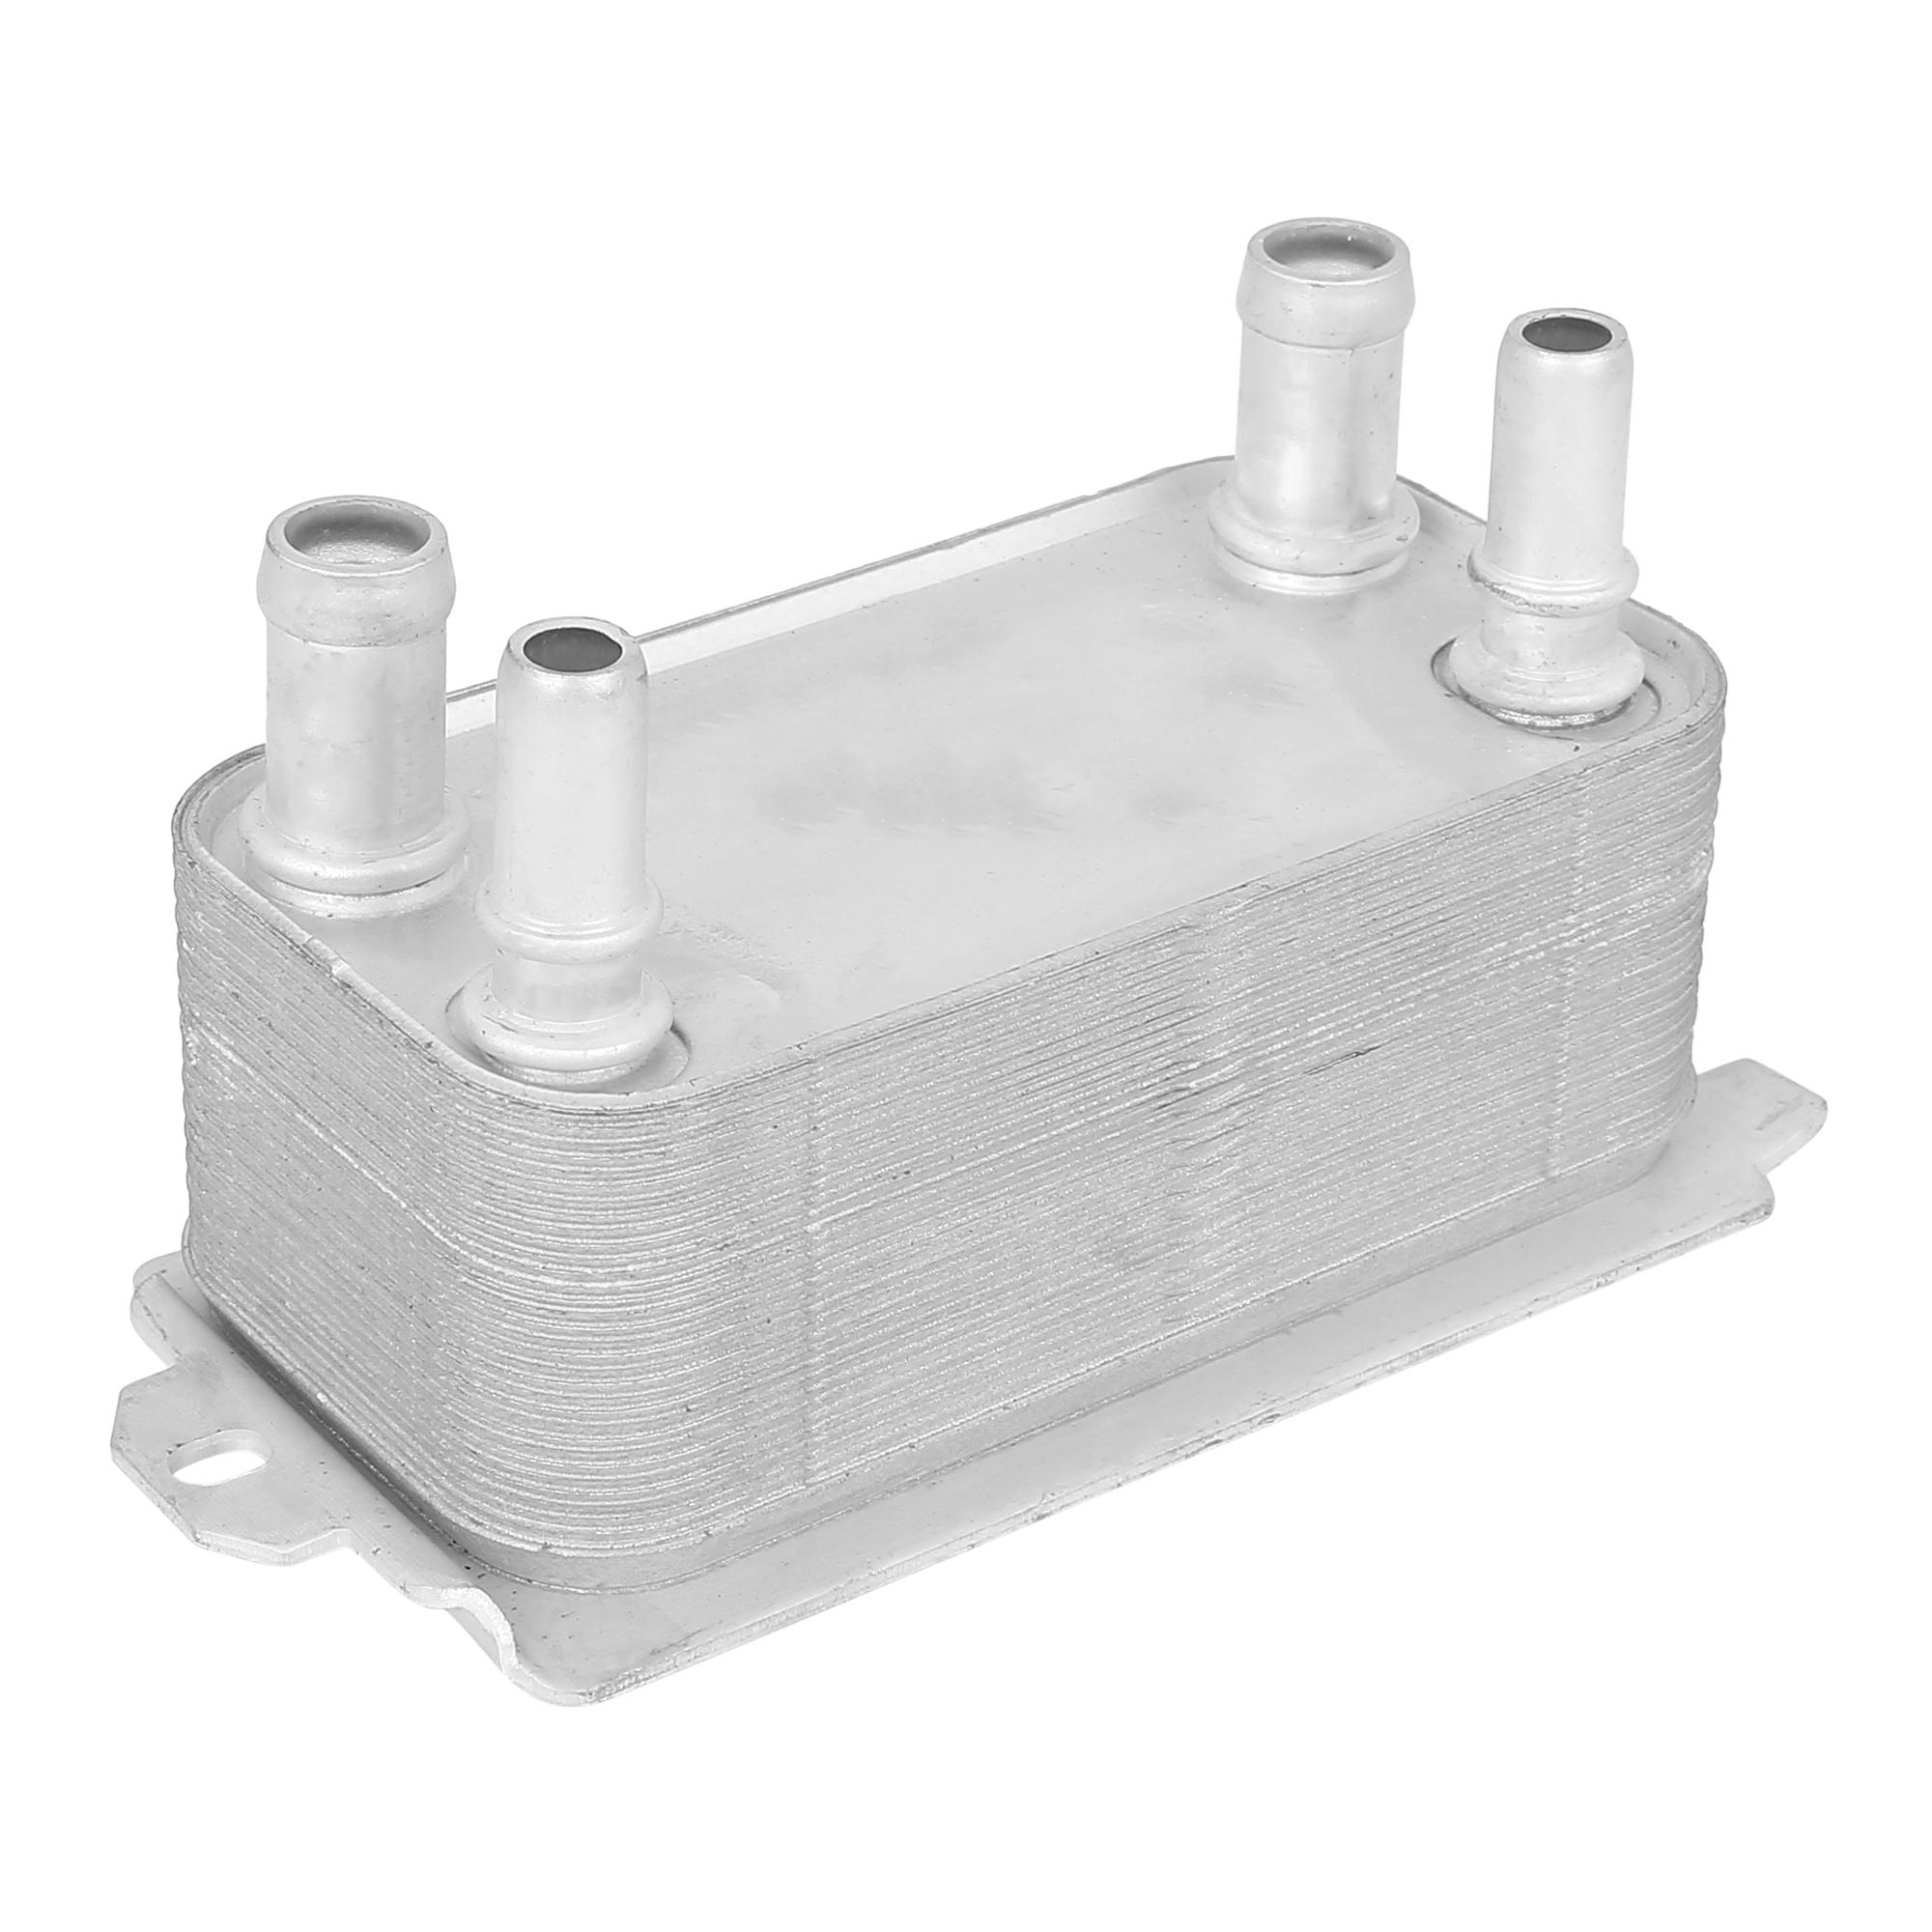 LR036354 Automobile Engine Oil Cooler Metal for Land Rover Range Rover 2006-2018